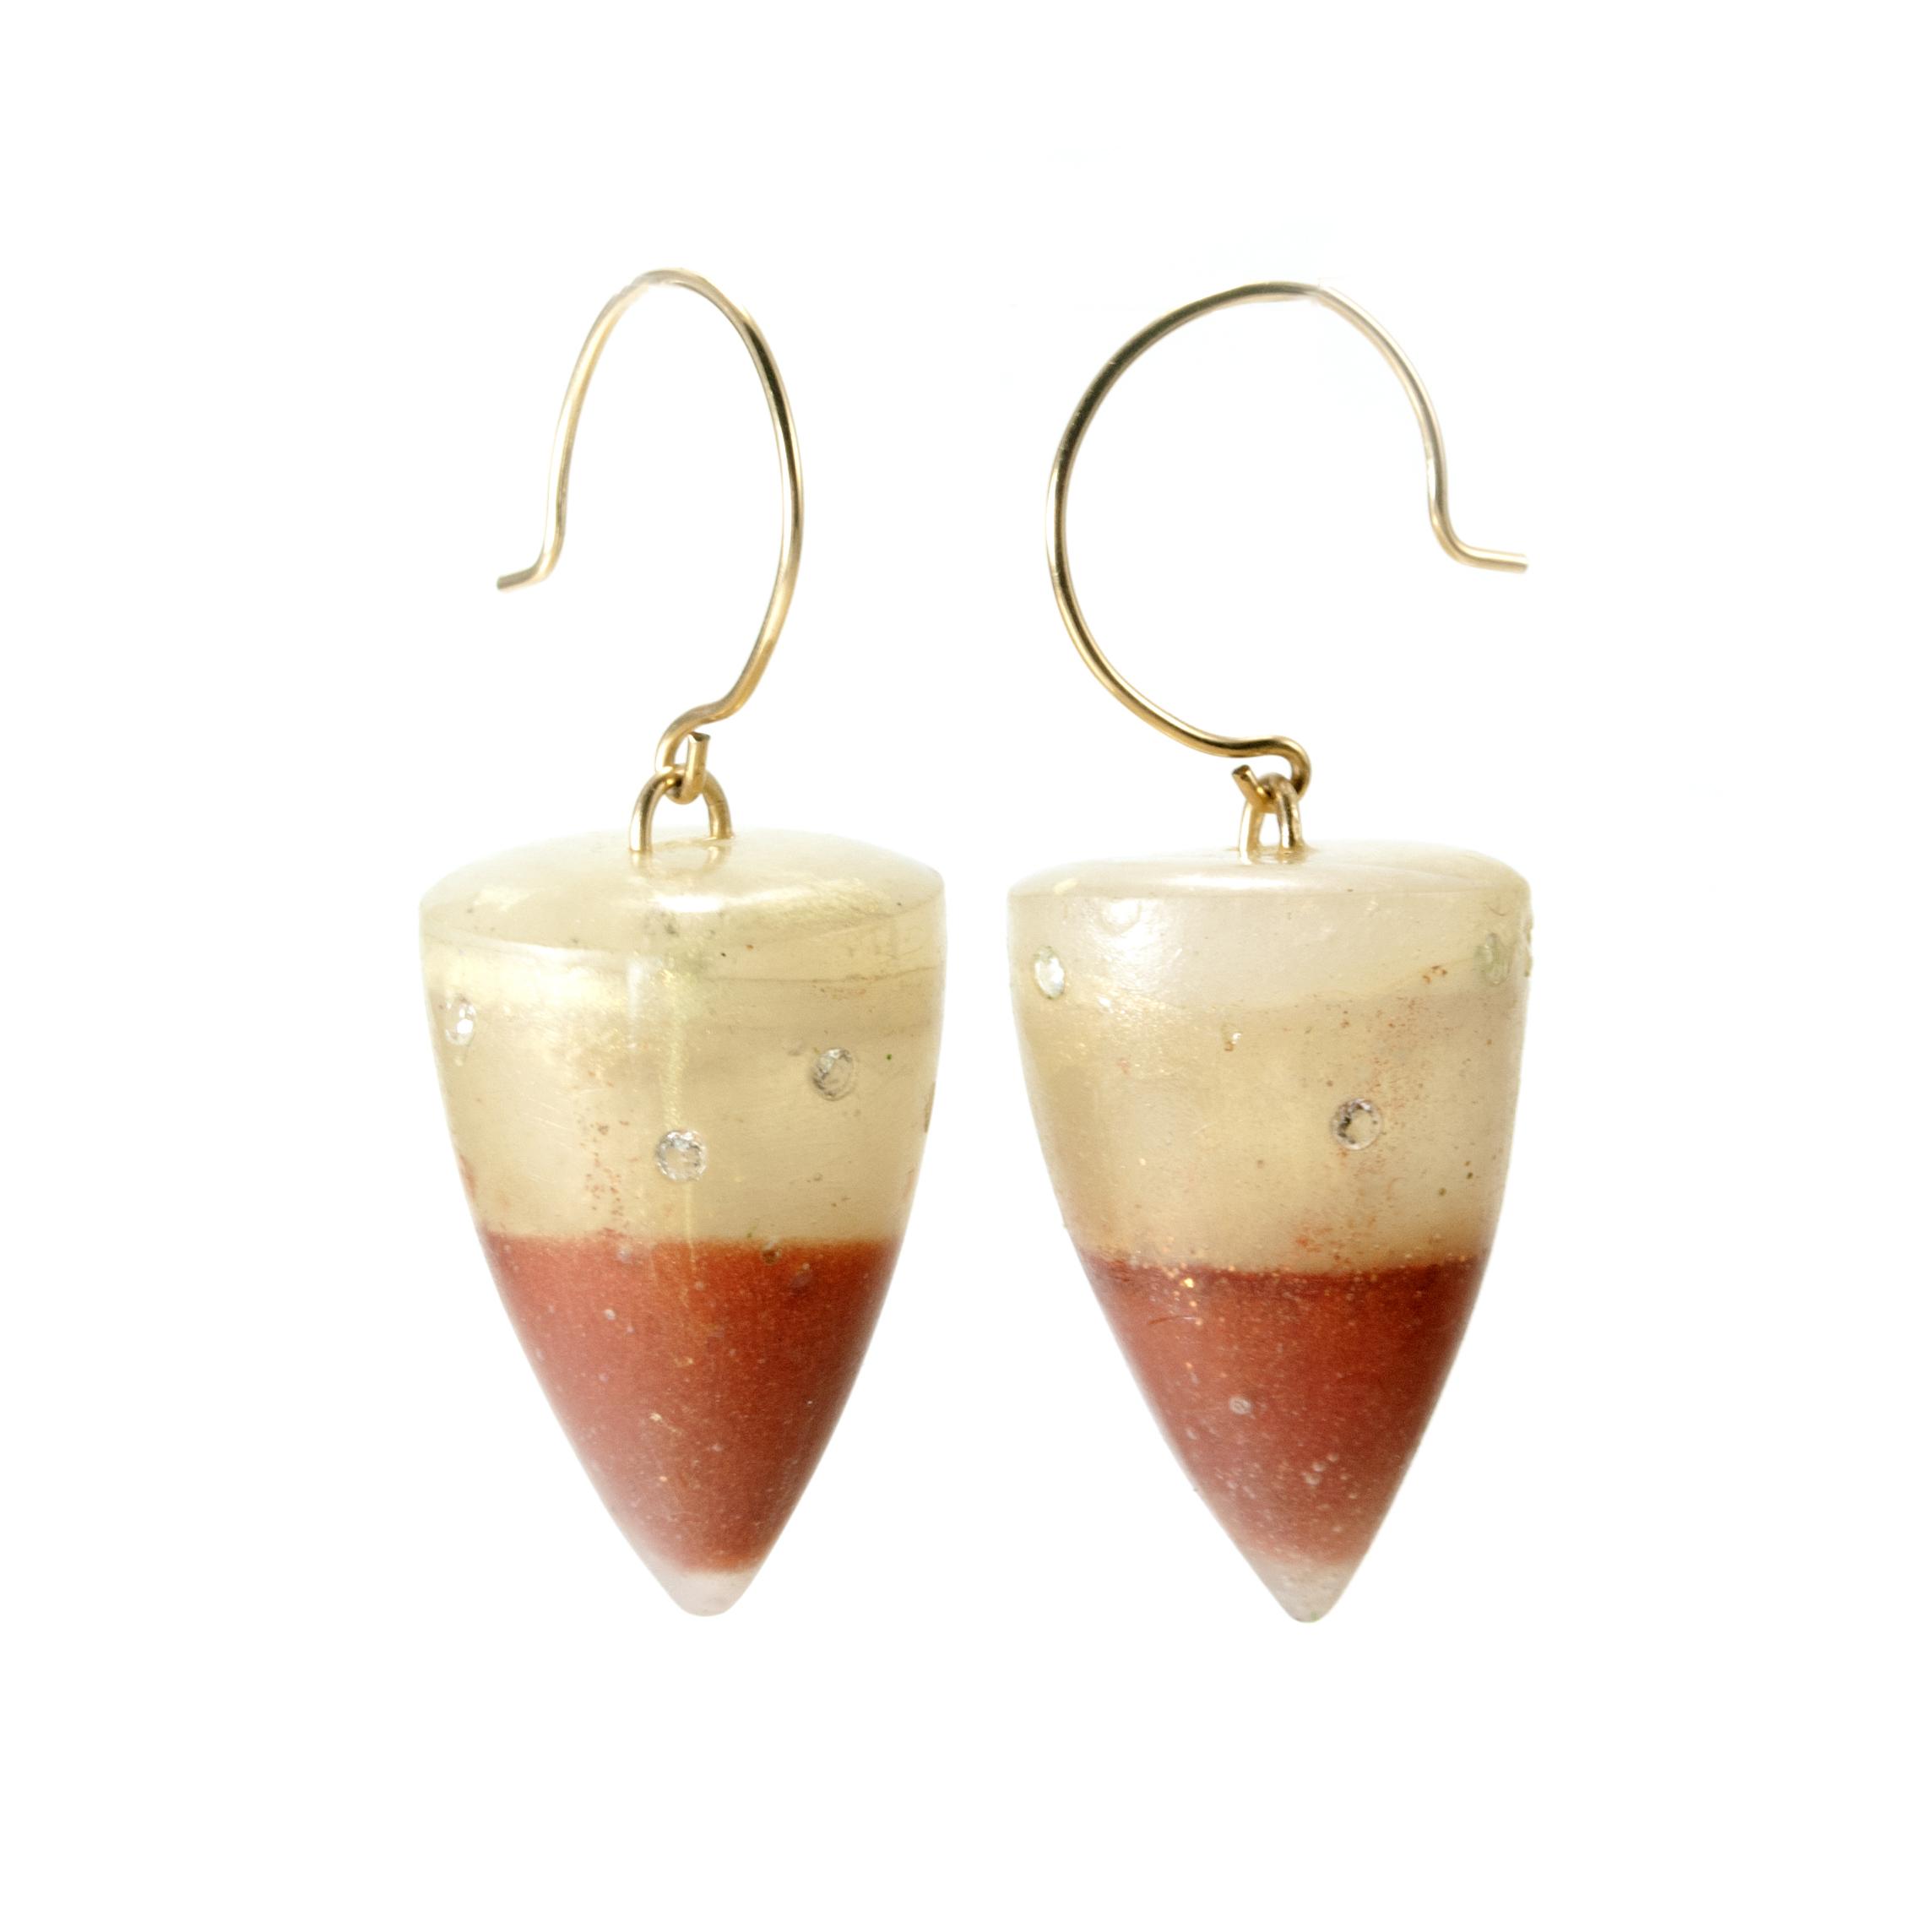 bicolor_resin_earrings.jpg